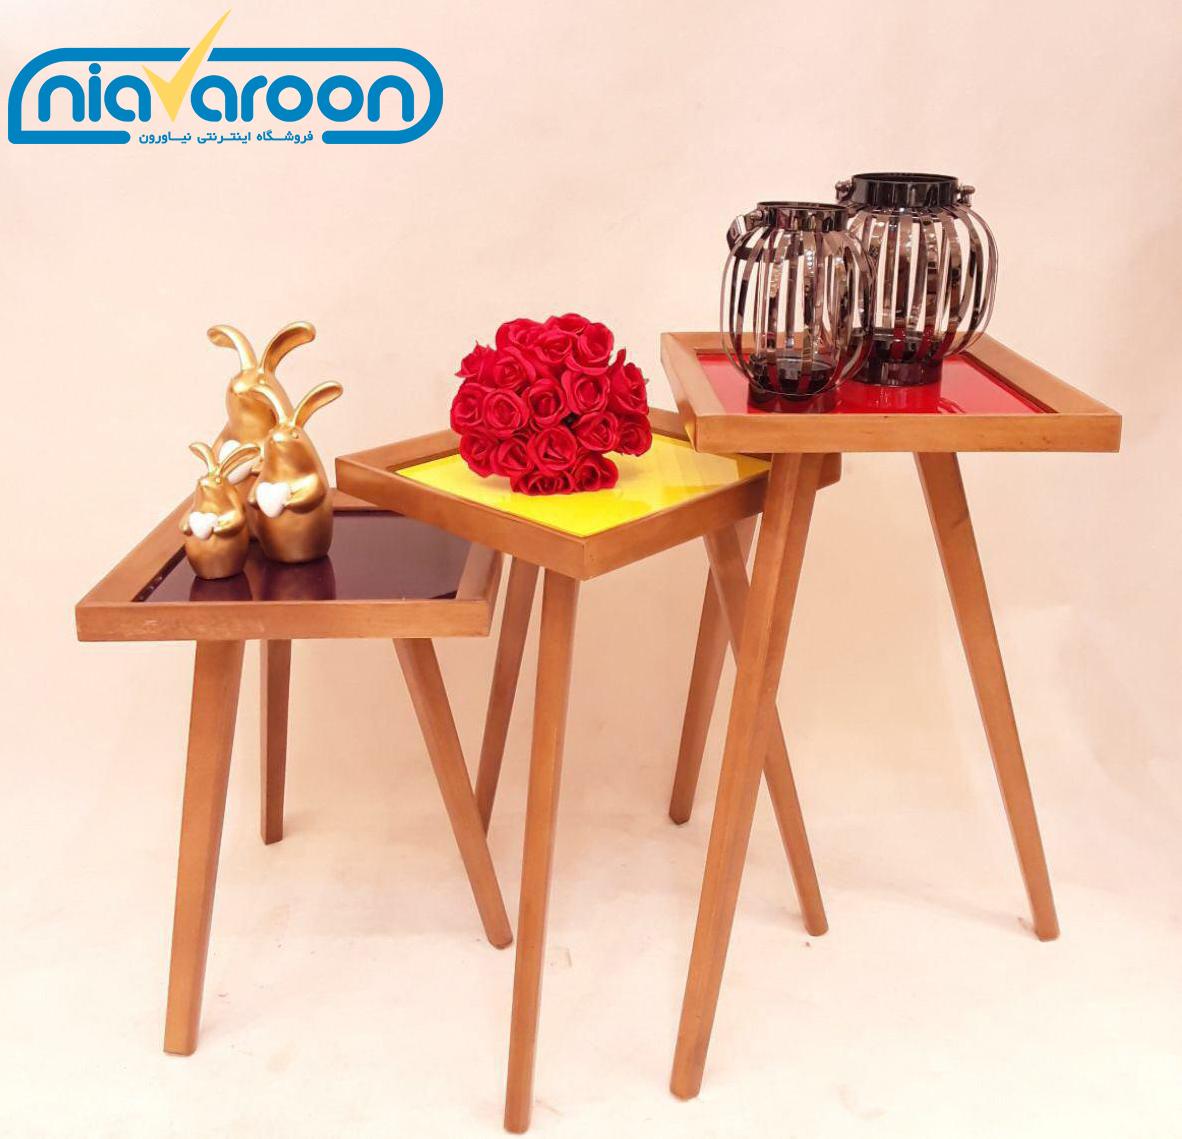 میز عسلی سه تیکه مدرن رنگی مدل آلفا